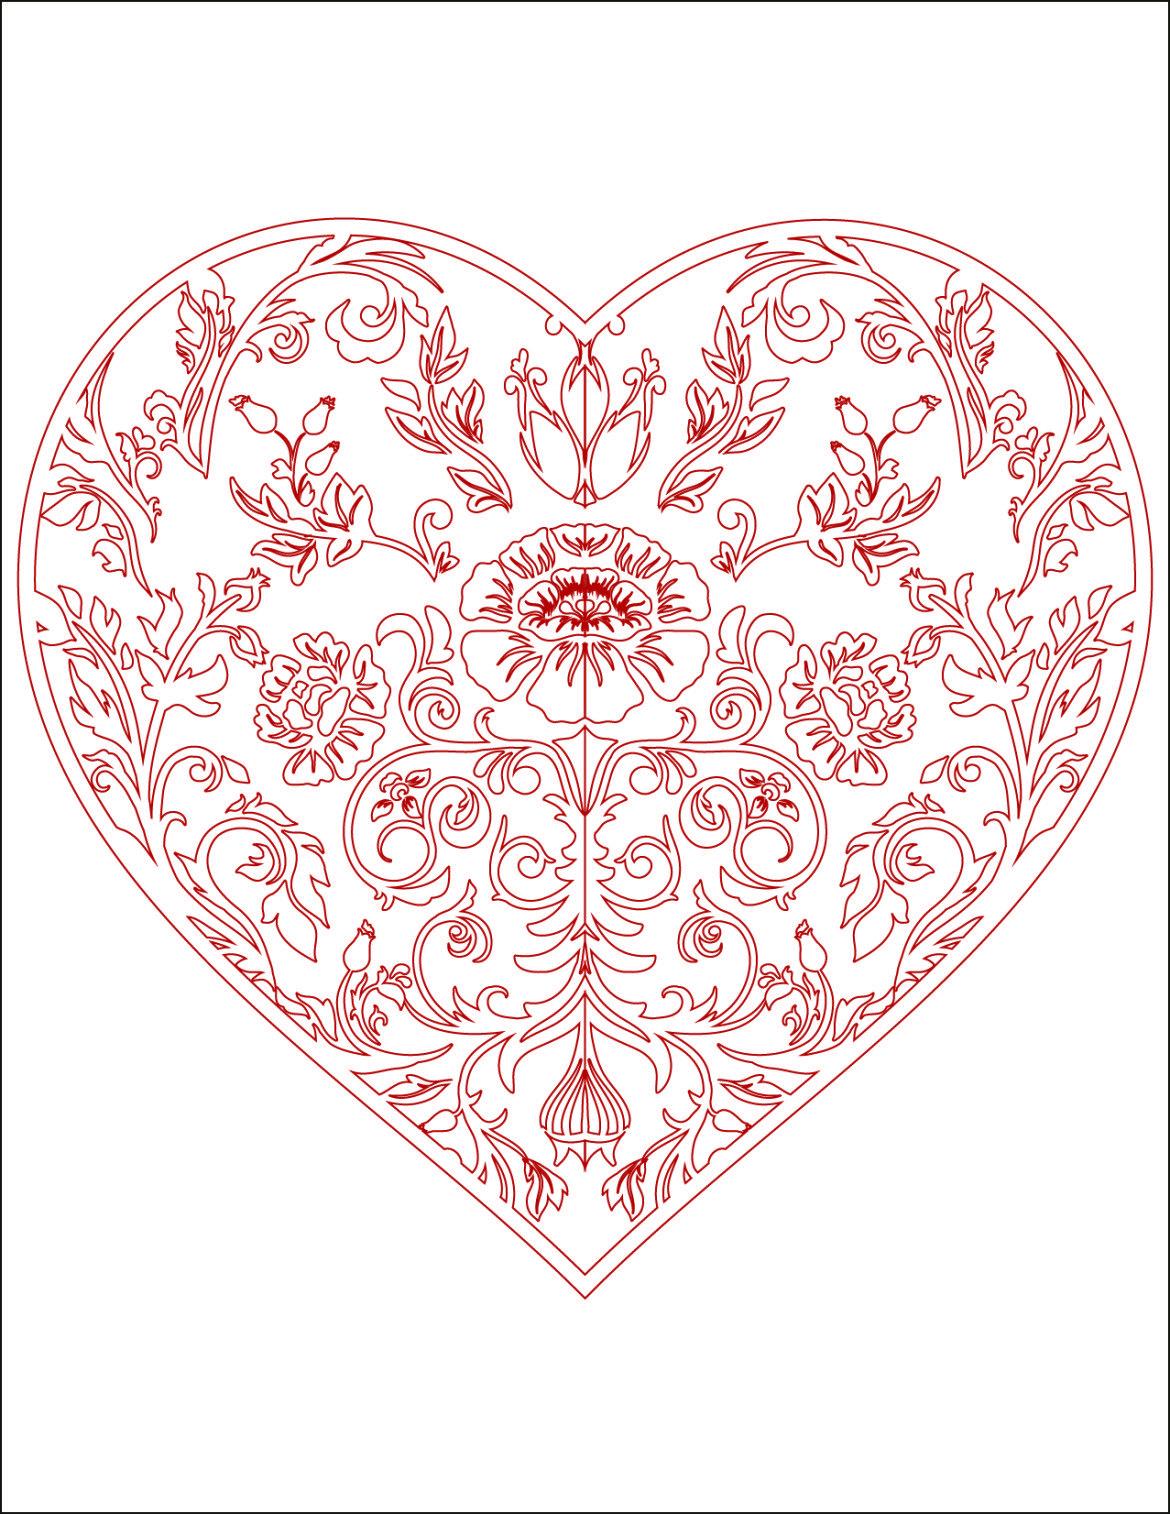 Image De Bonjour D Amour Coloriage Coeur à Imprimer Coloriage